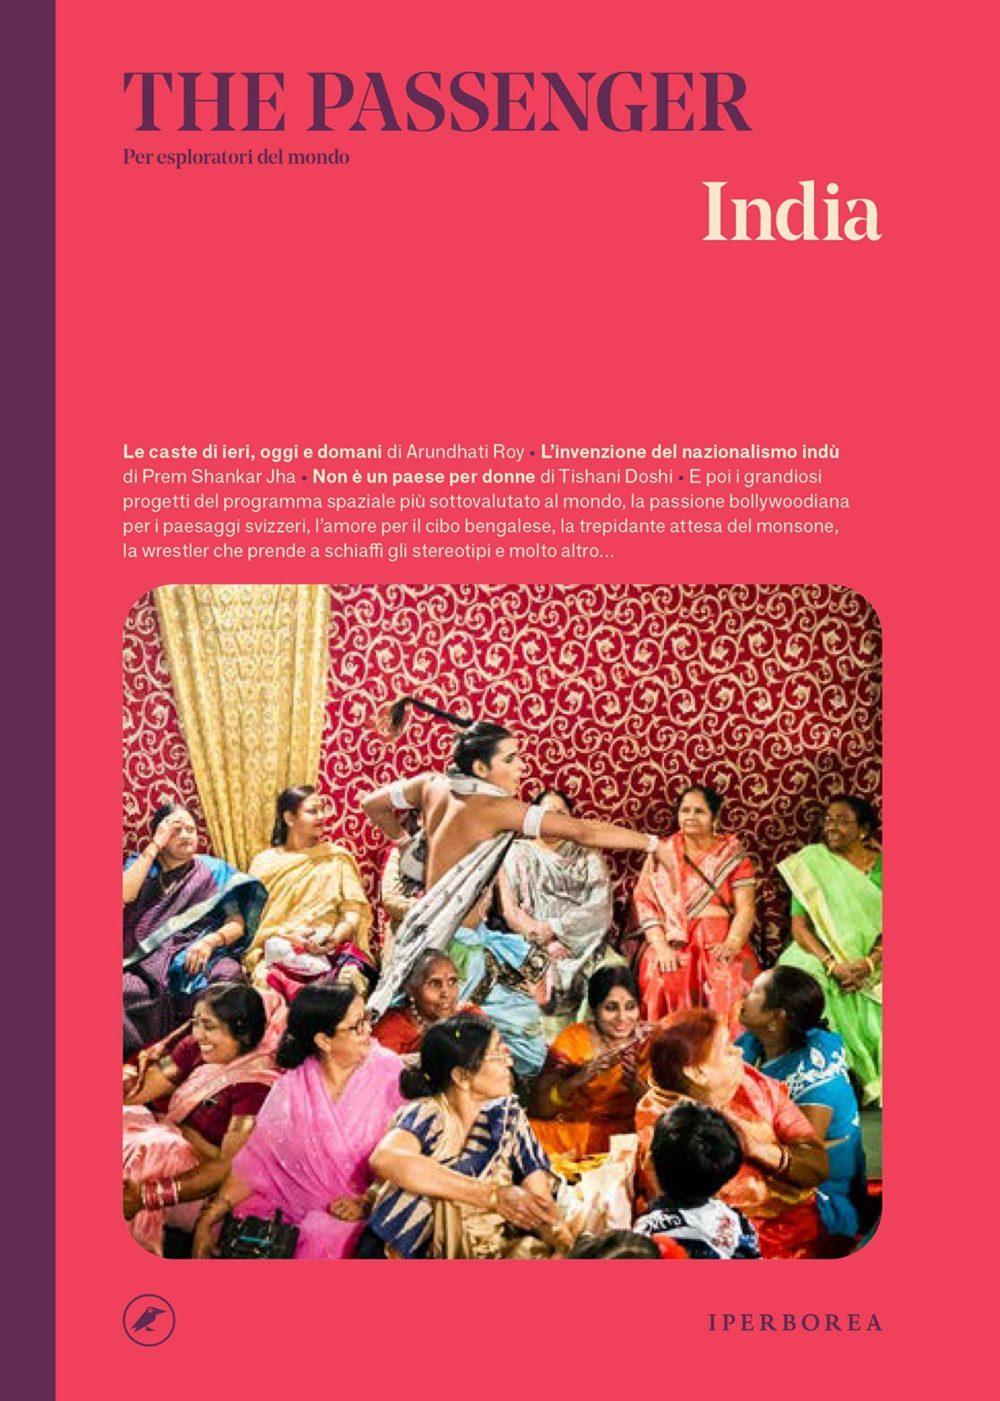 Recensione di The Passenger India – AA VV